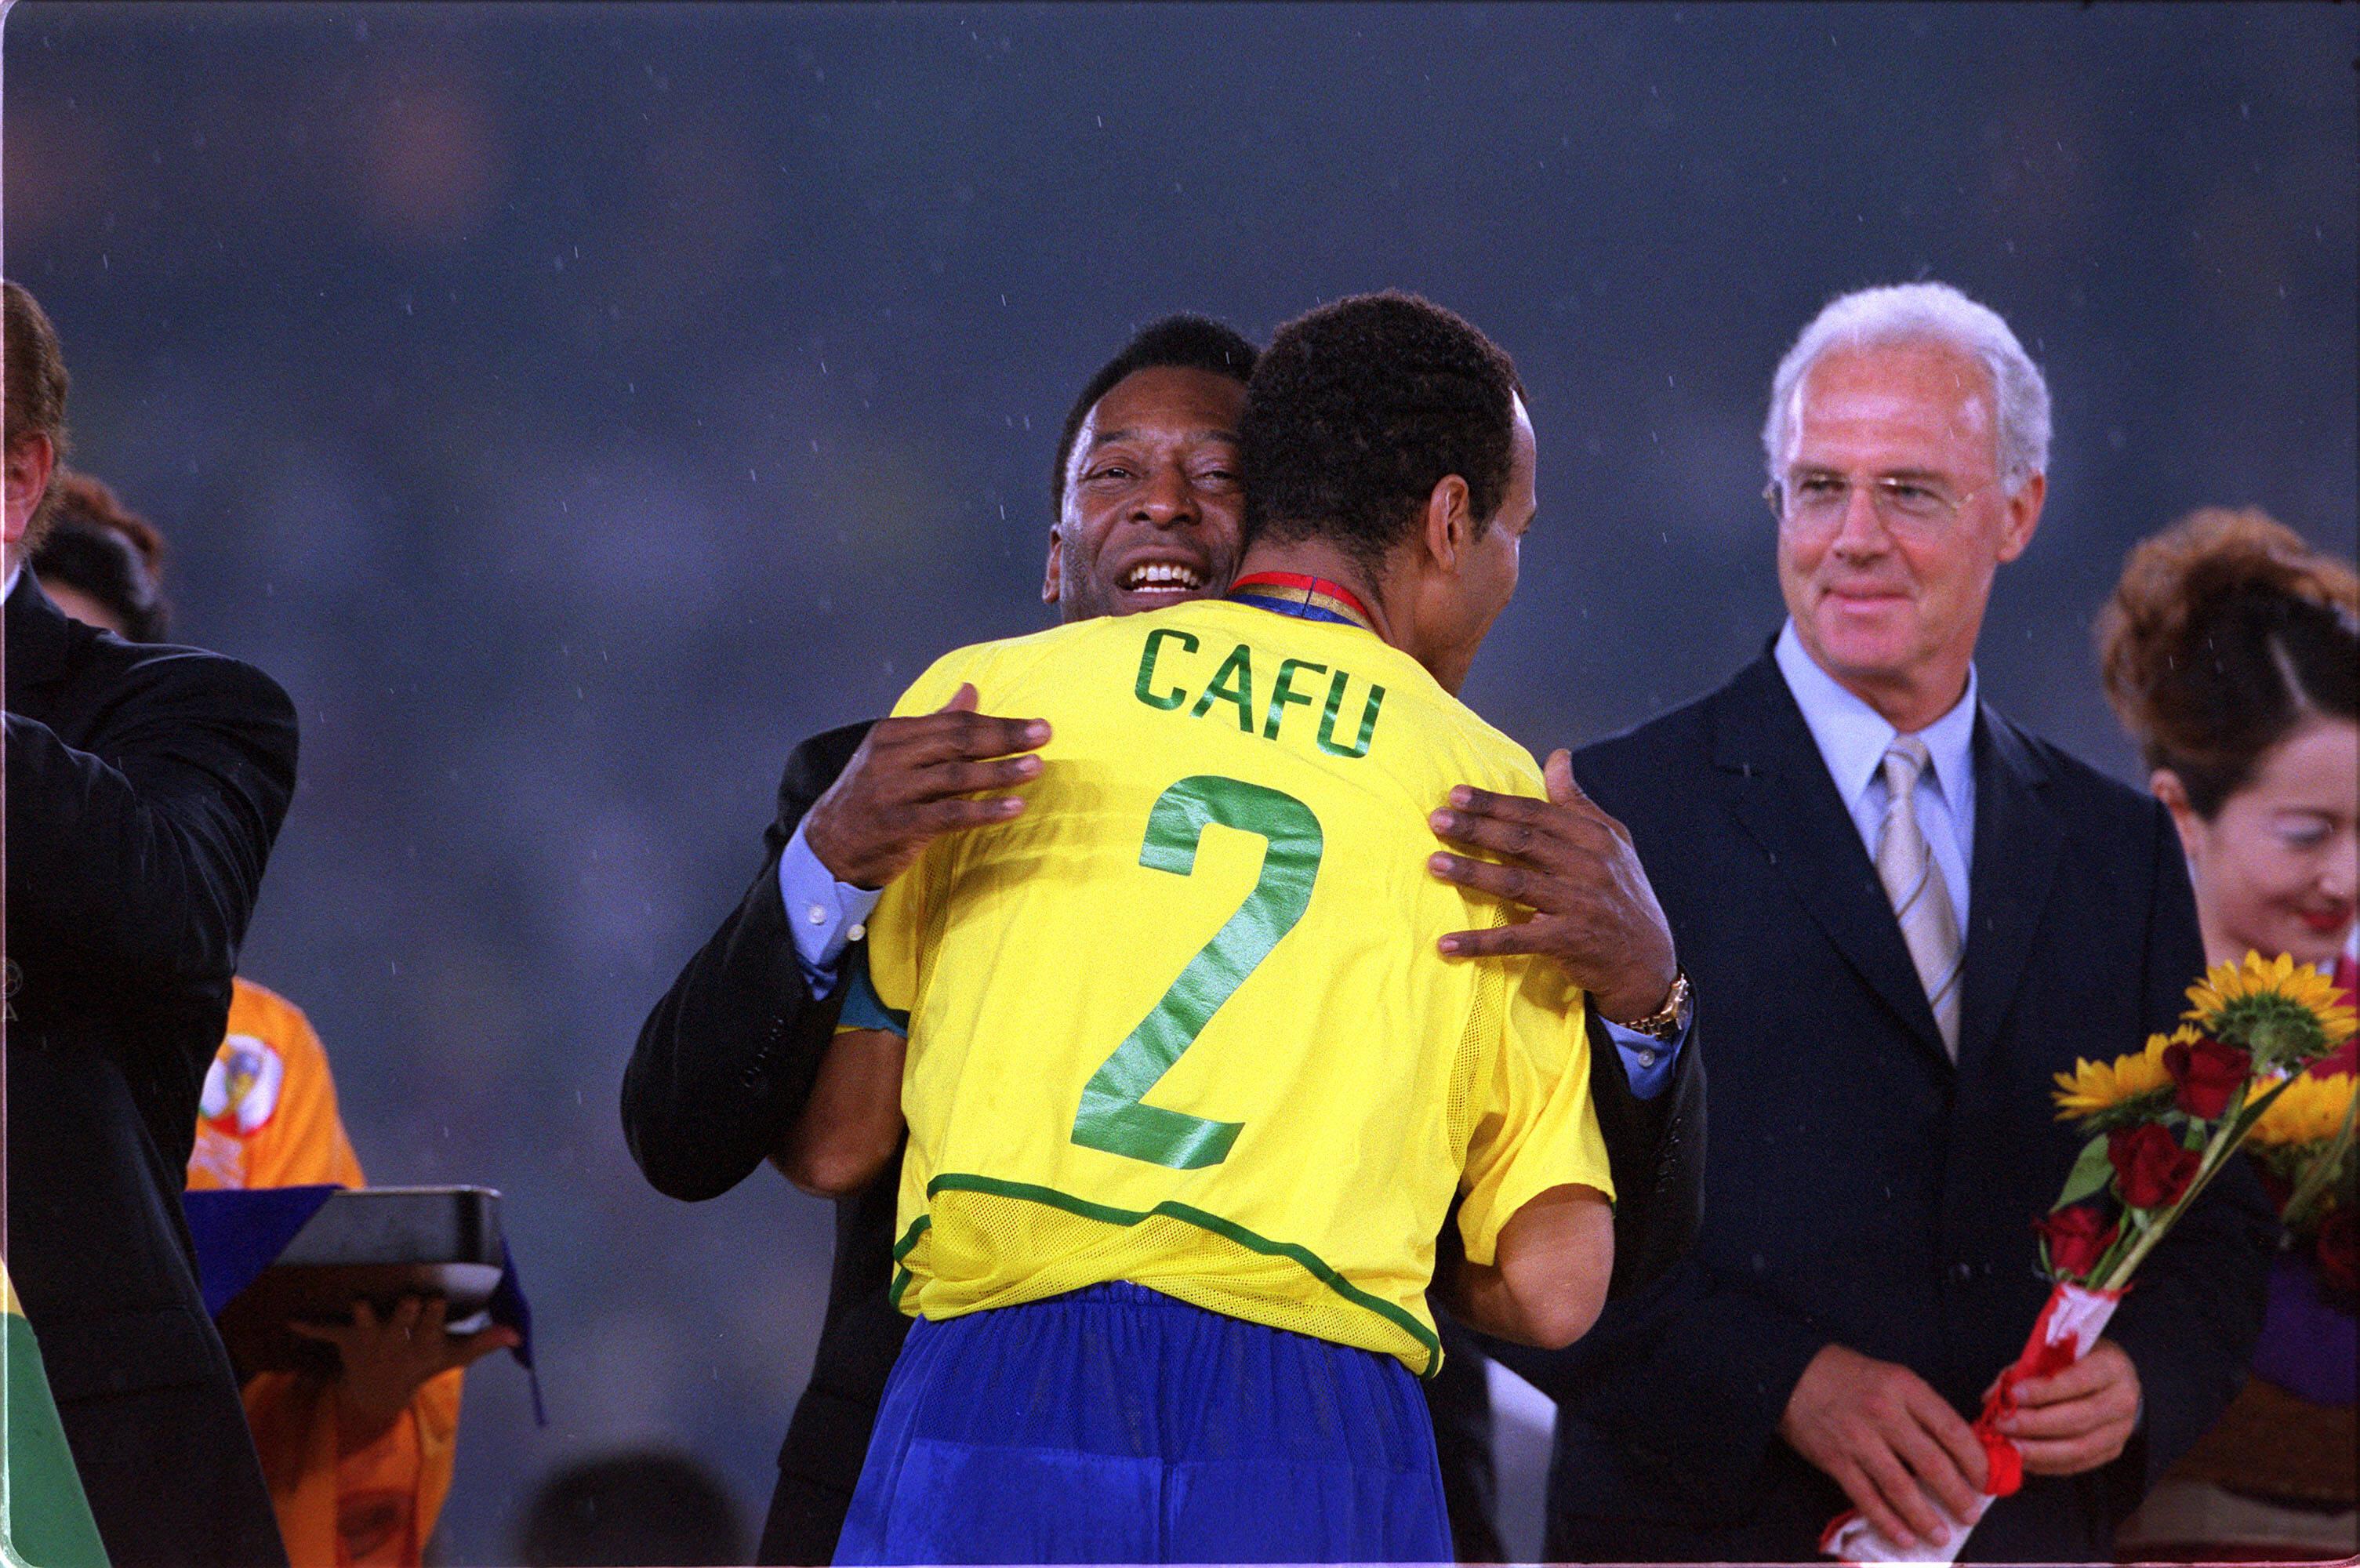 Cafu recebe abraço de Pelé na conquista da Copa do Mundo de 2002. Foto: Getty Images